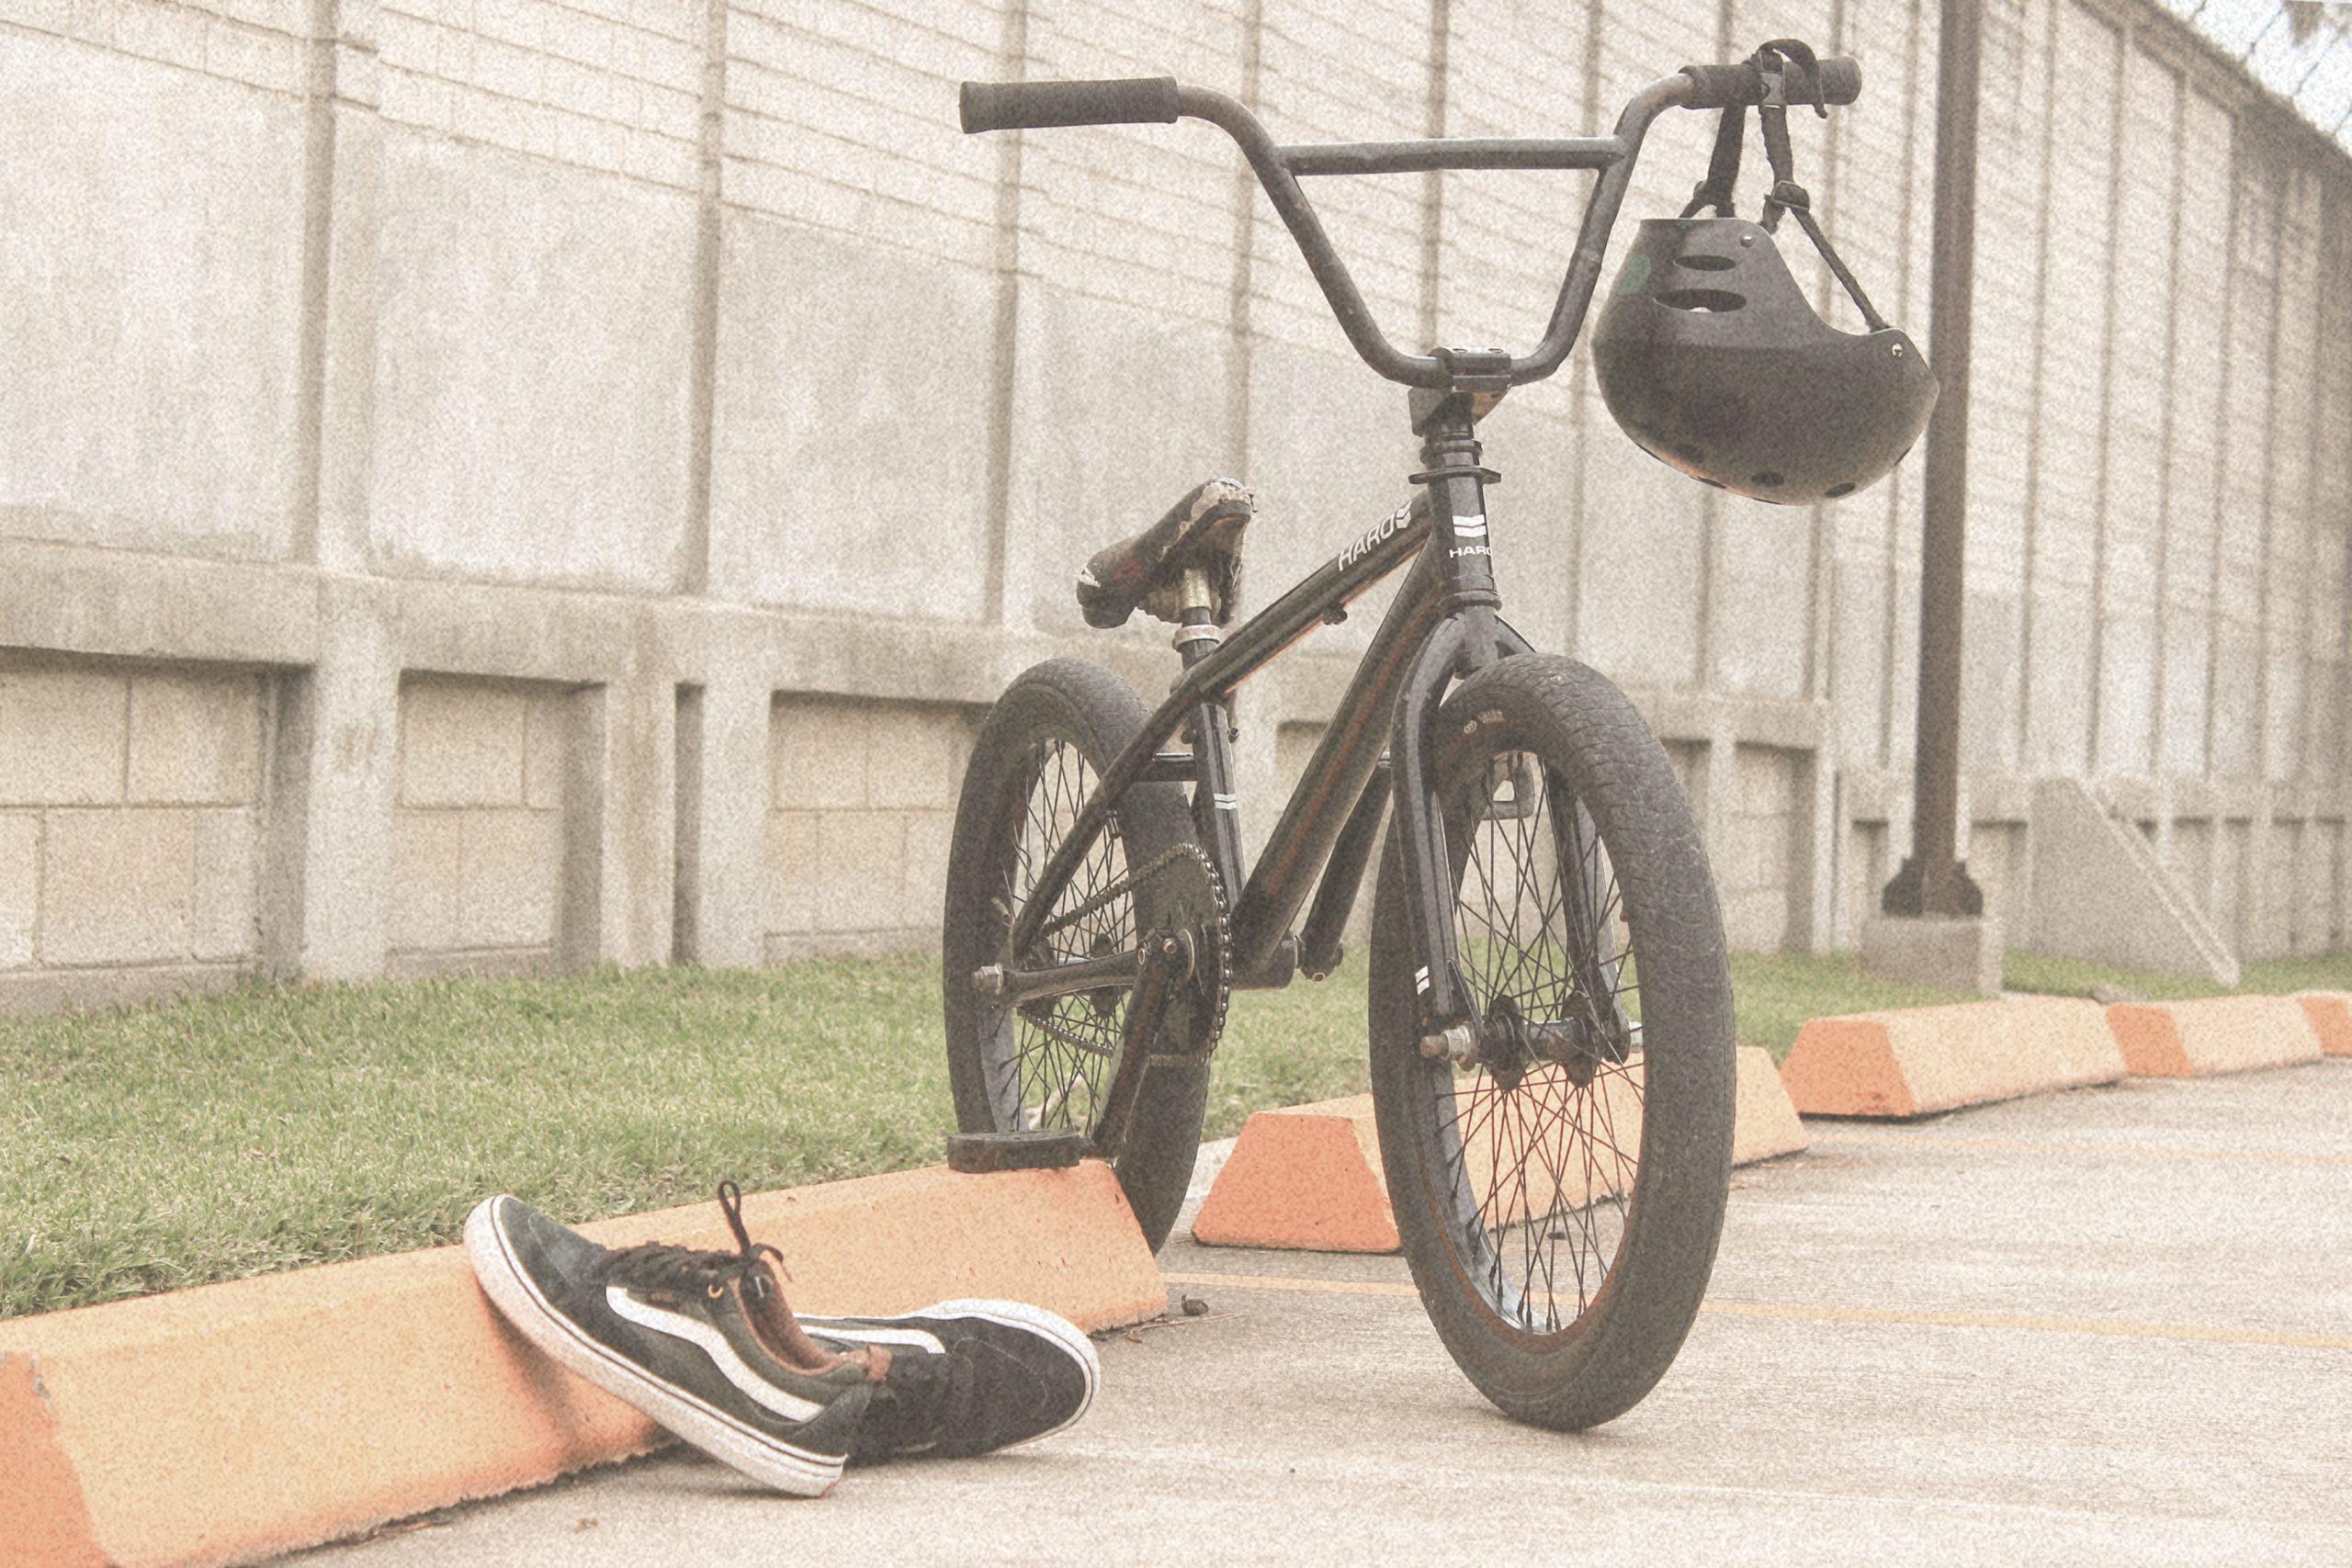 bmx clasica con zapatos vans al lado